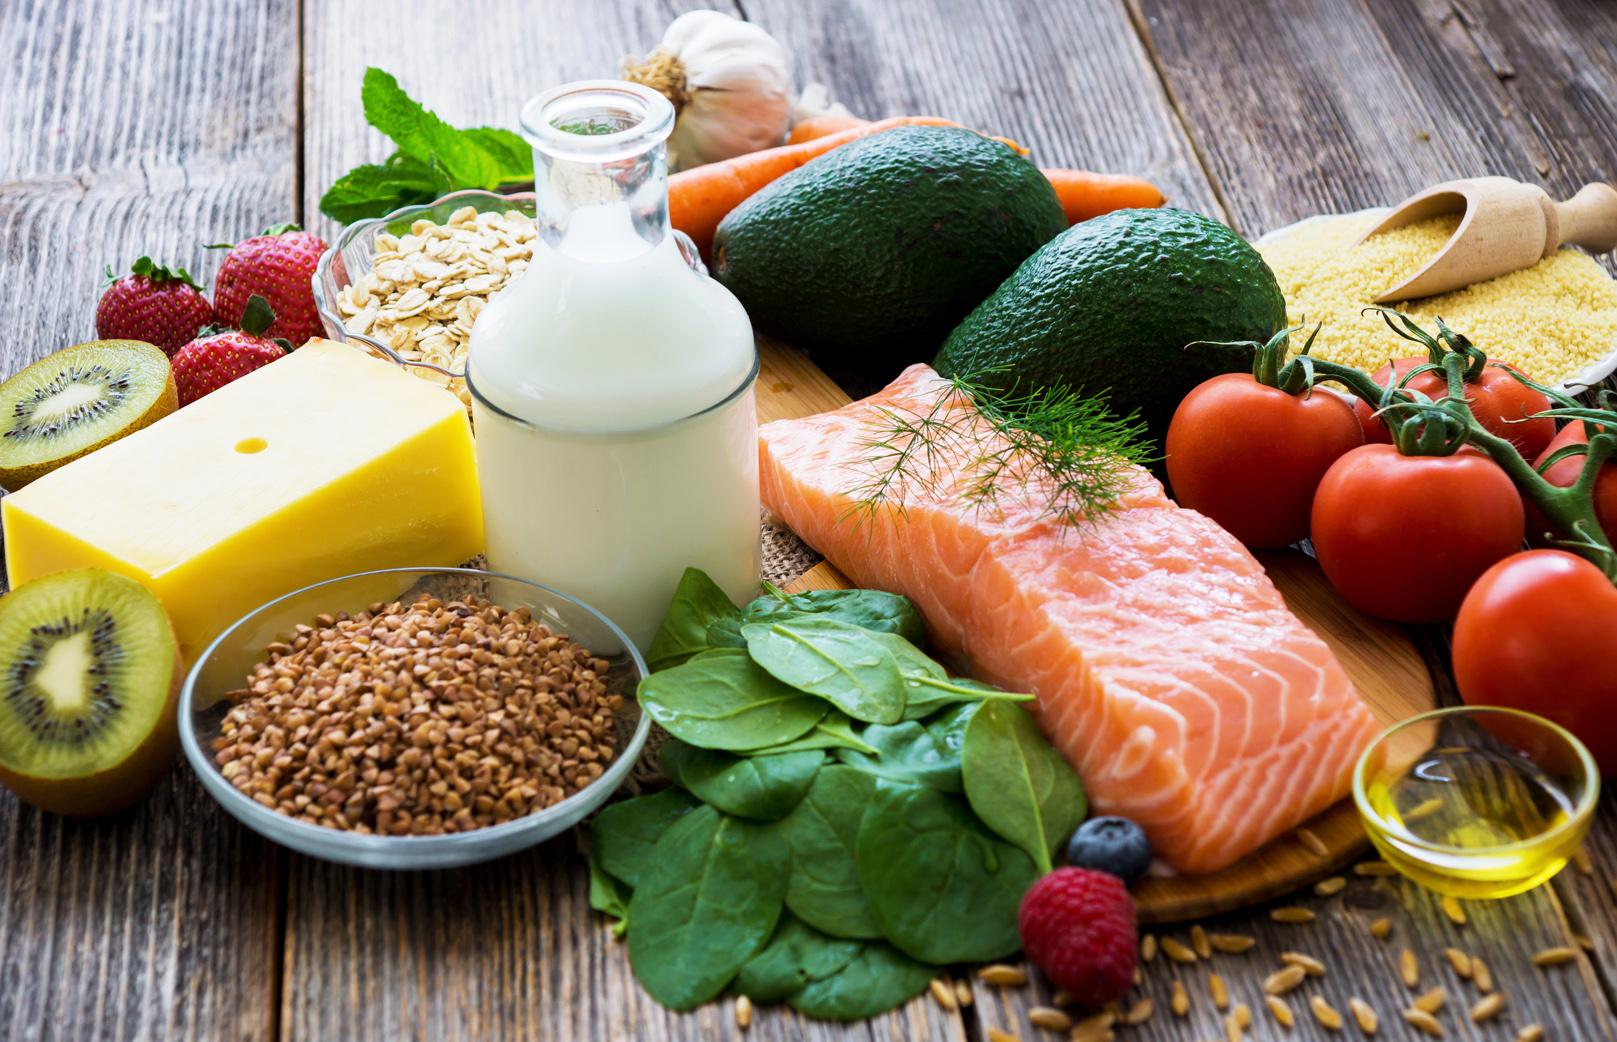 أطعمة وأعشاب تقوي جهاز المناعة عليك معرفتها